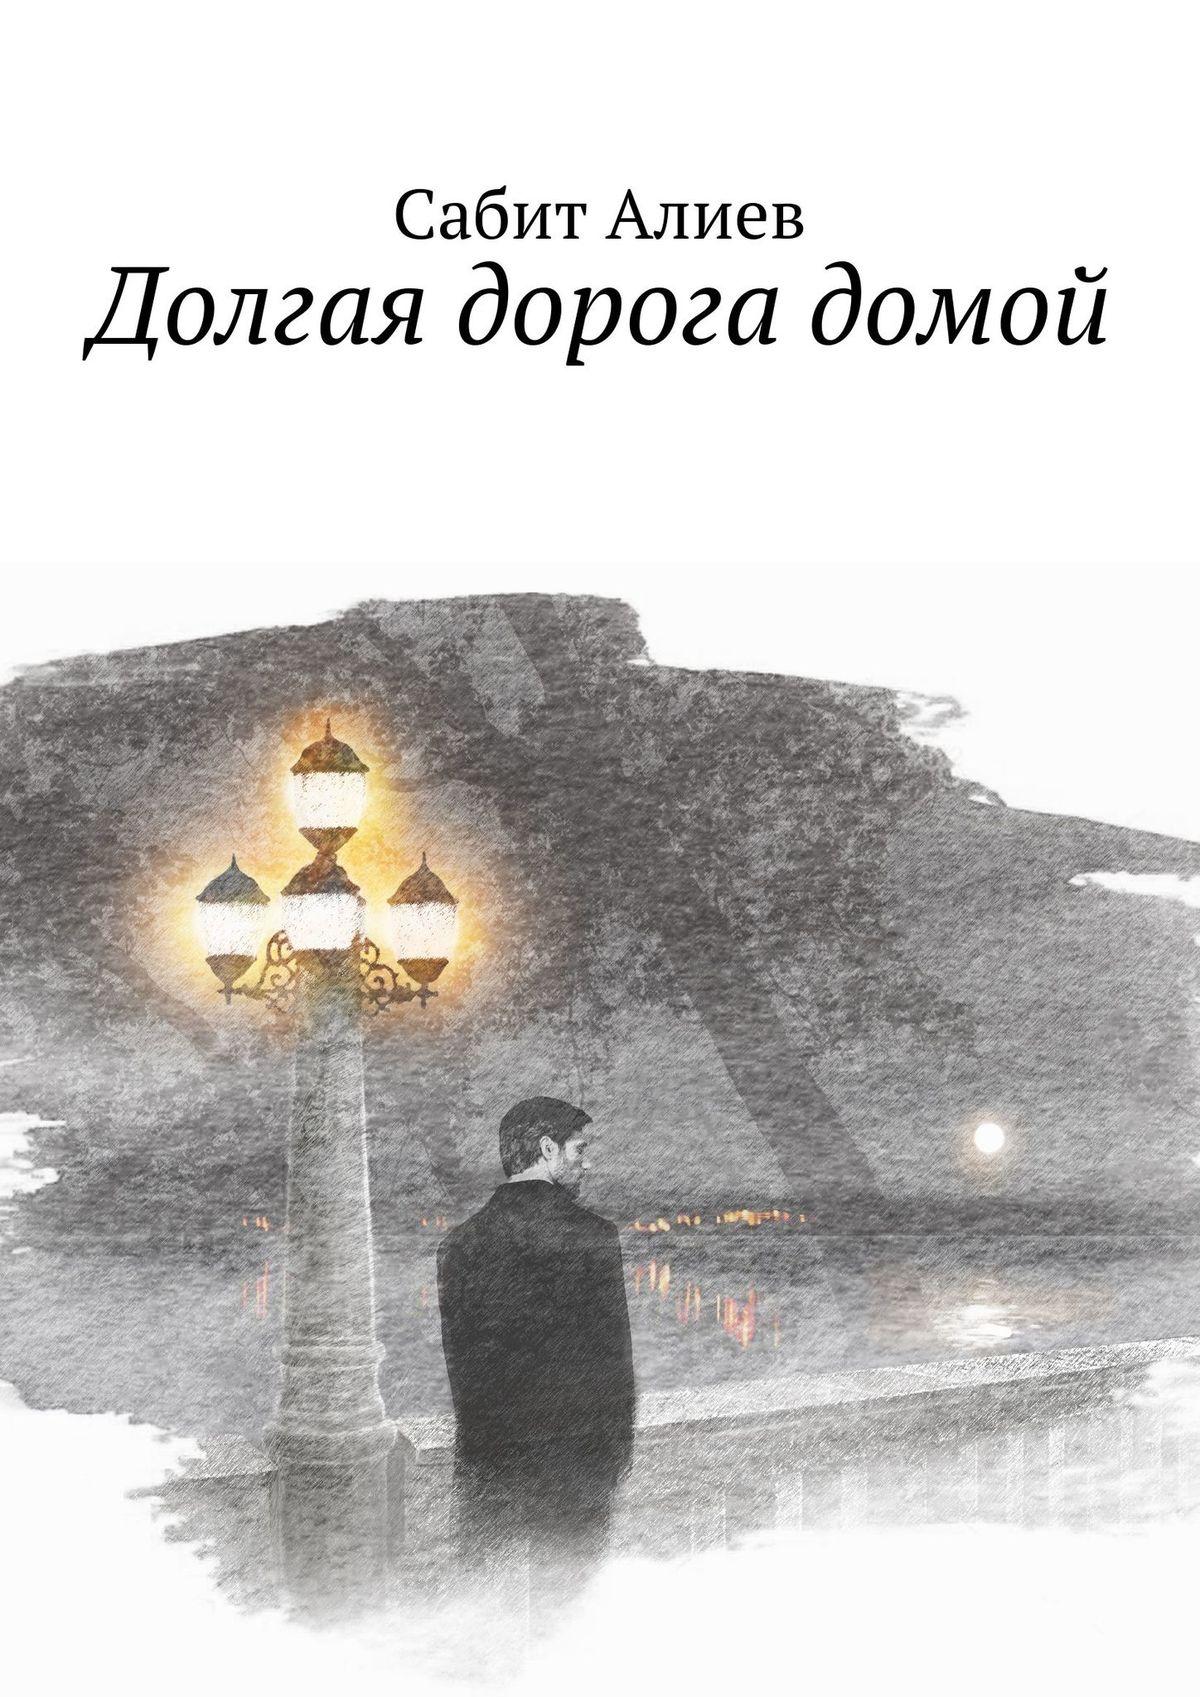 Сабит Алиев Долгая дорога домой алексей рай долгая дорога домой стихи